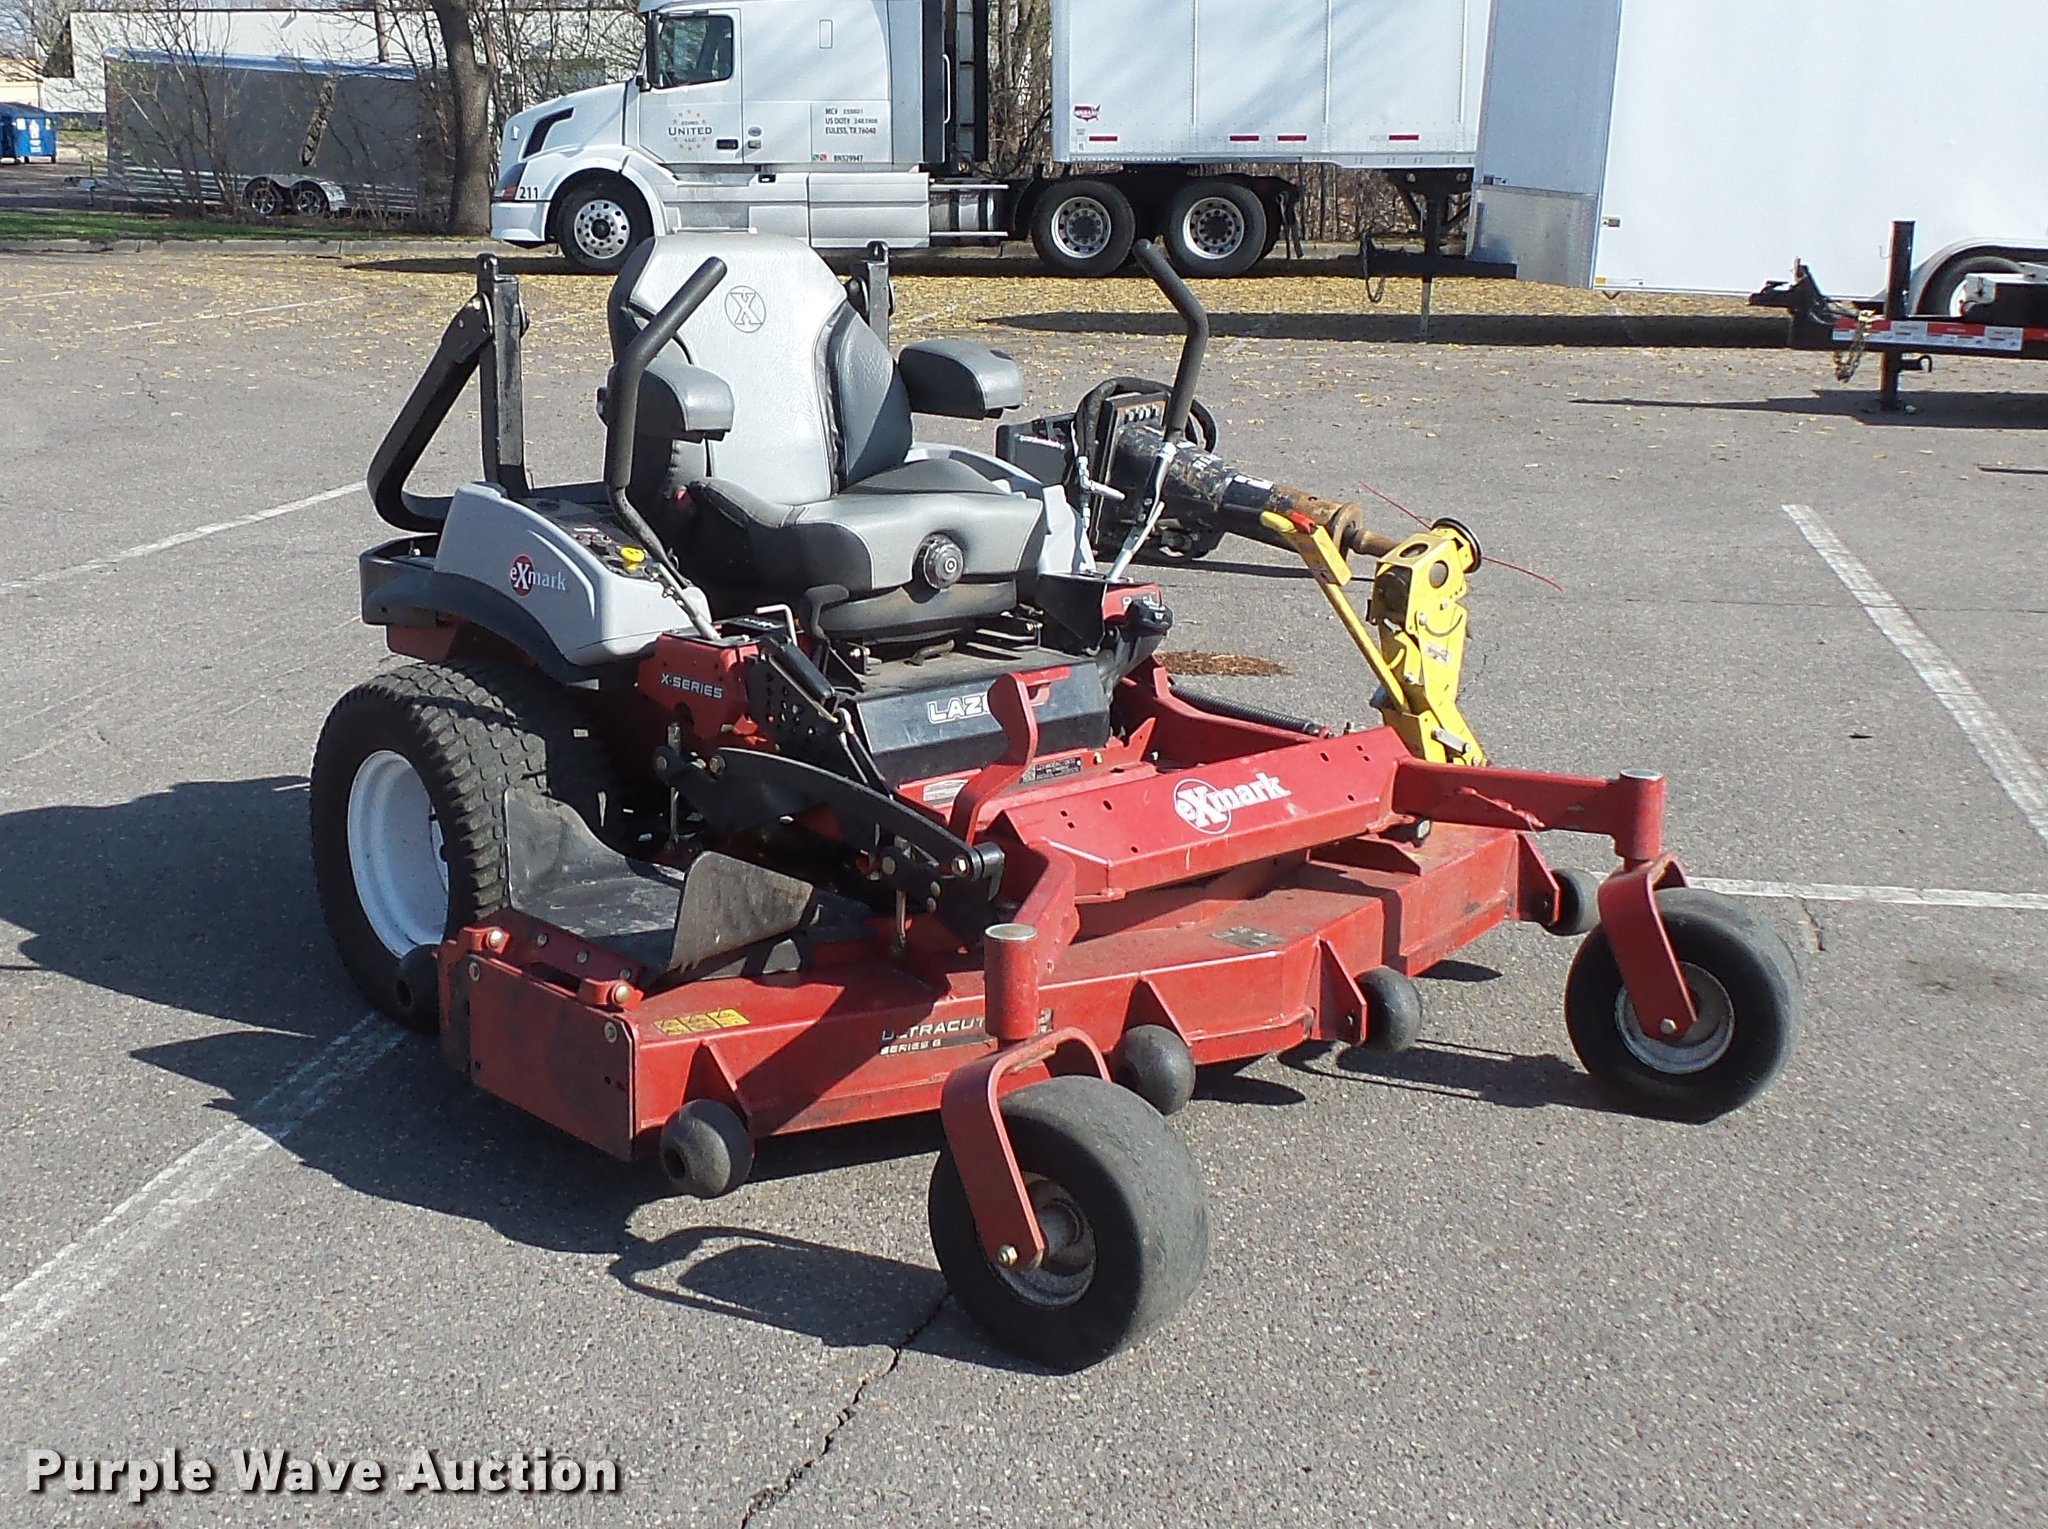 ... Laser Z ZTR lawn mower Full size in new window ...